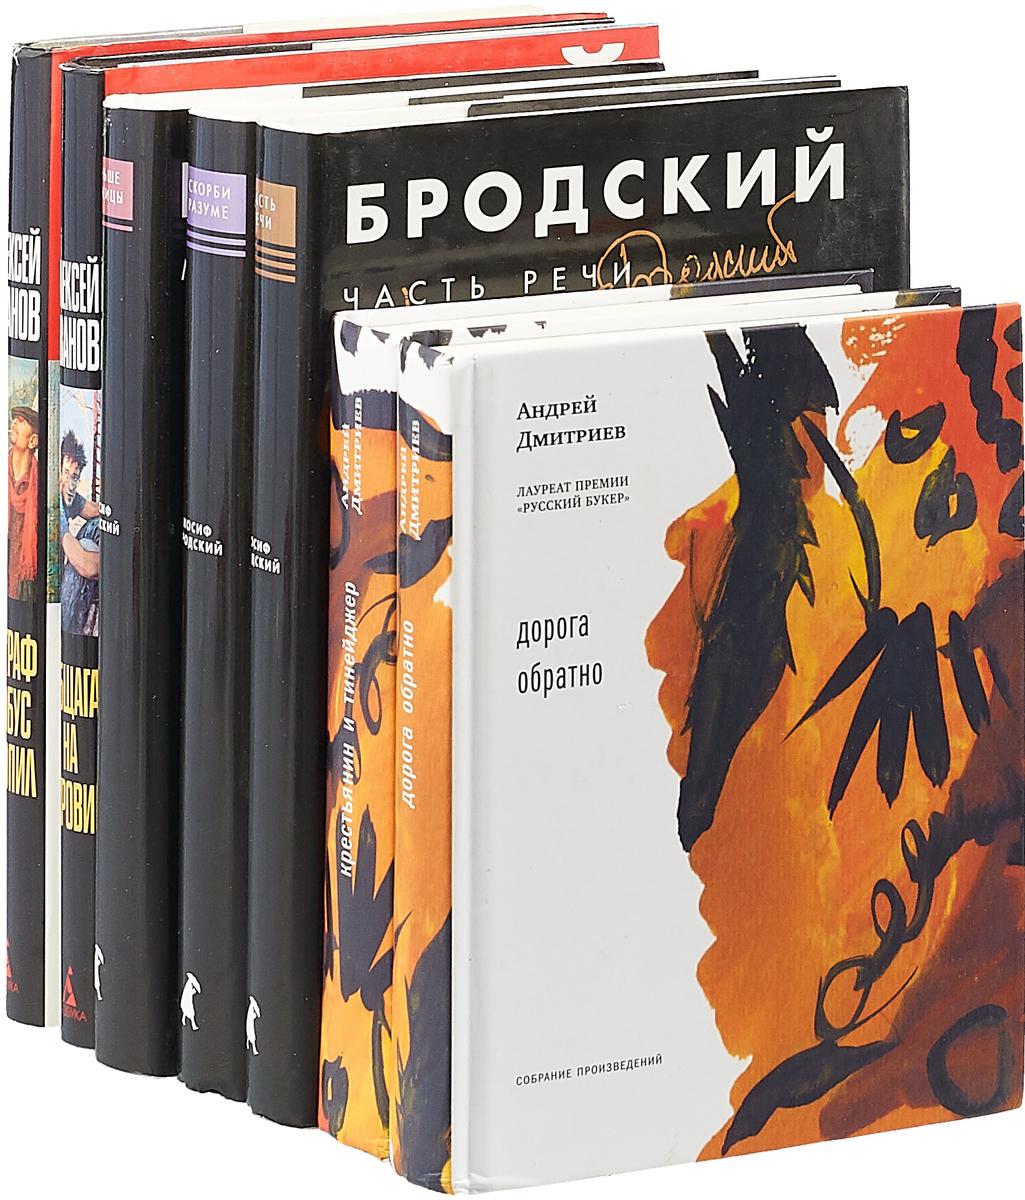 Библиотека современников (комплект из 7 книг)